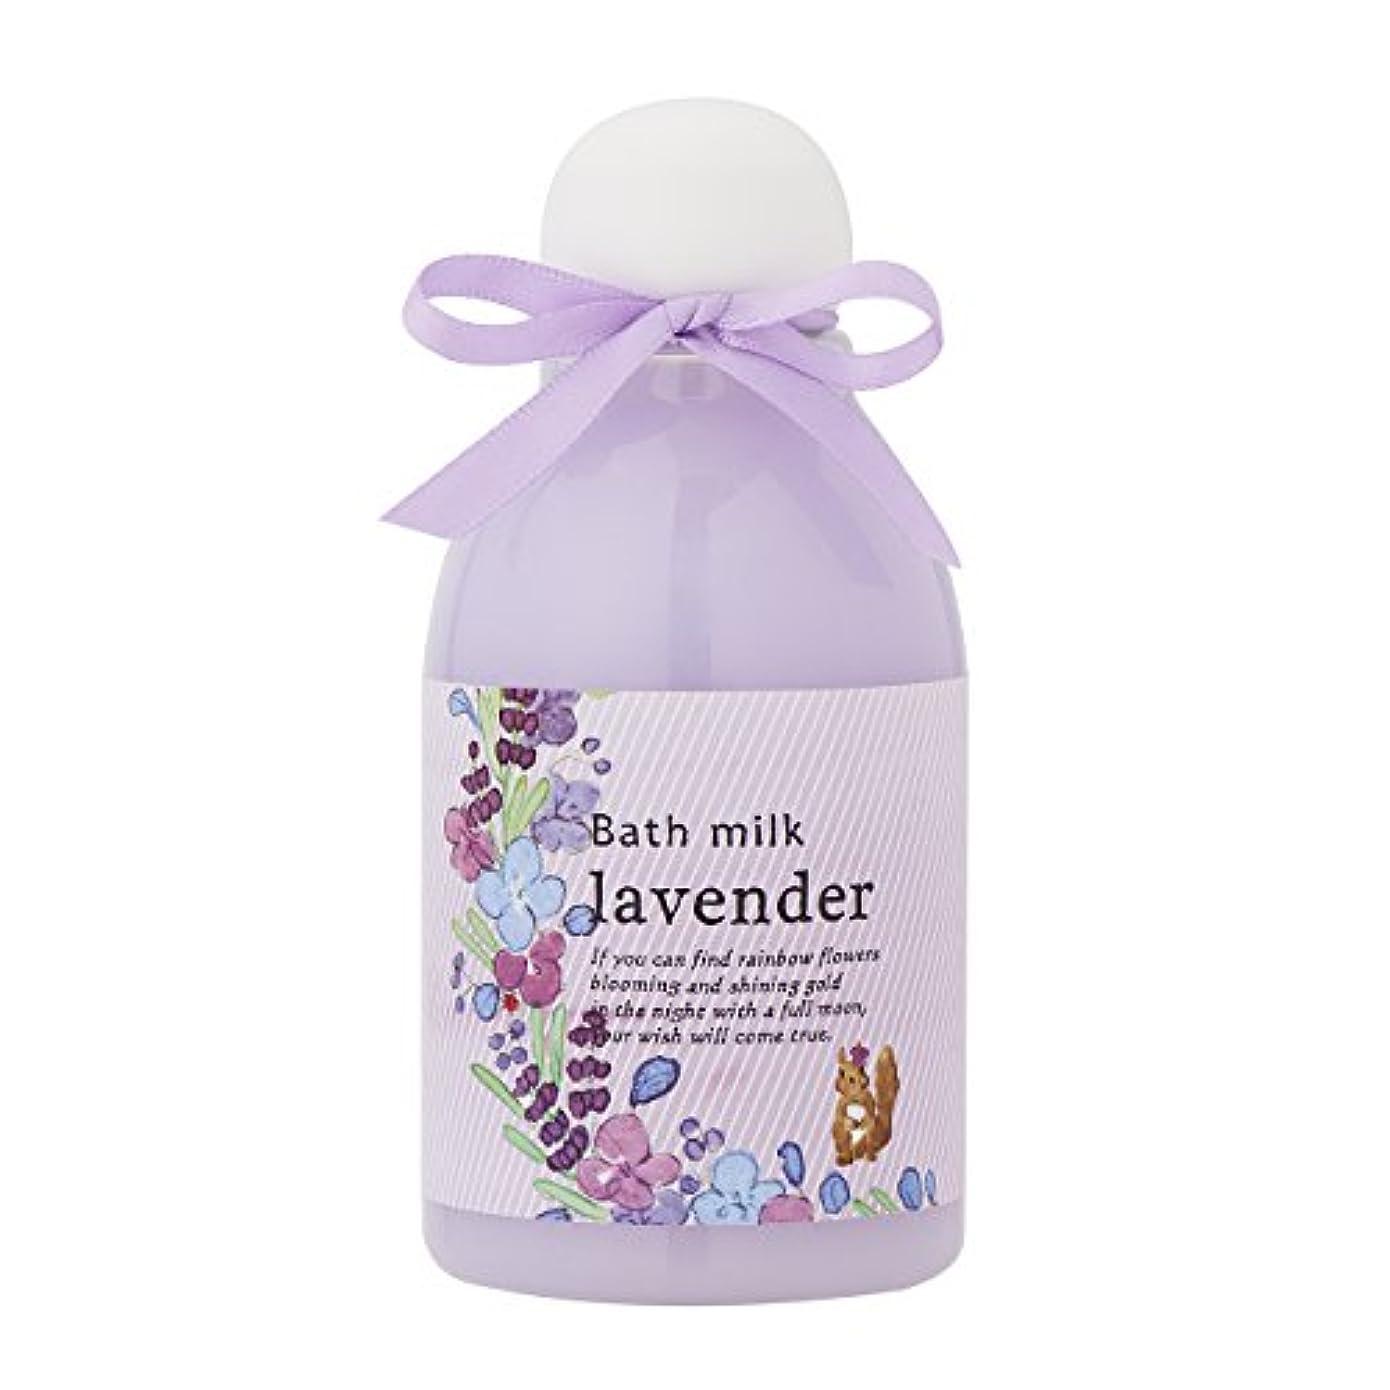 骨髄アセ差し迫ったサンハーブ バスミルク ラベンダー 200ml(バブルバスタイプ入浴料 泡風呂 ふわっと爽やかなラベンダーの香り)